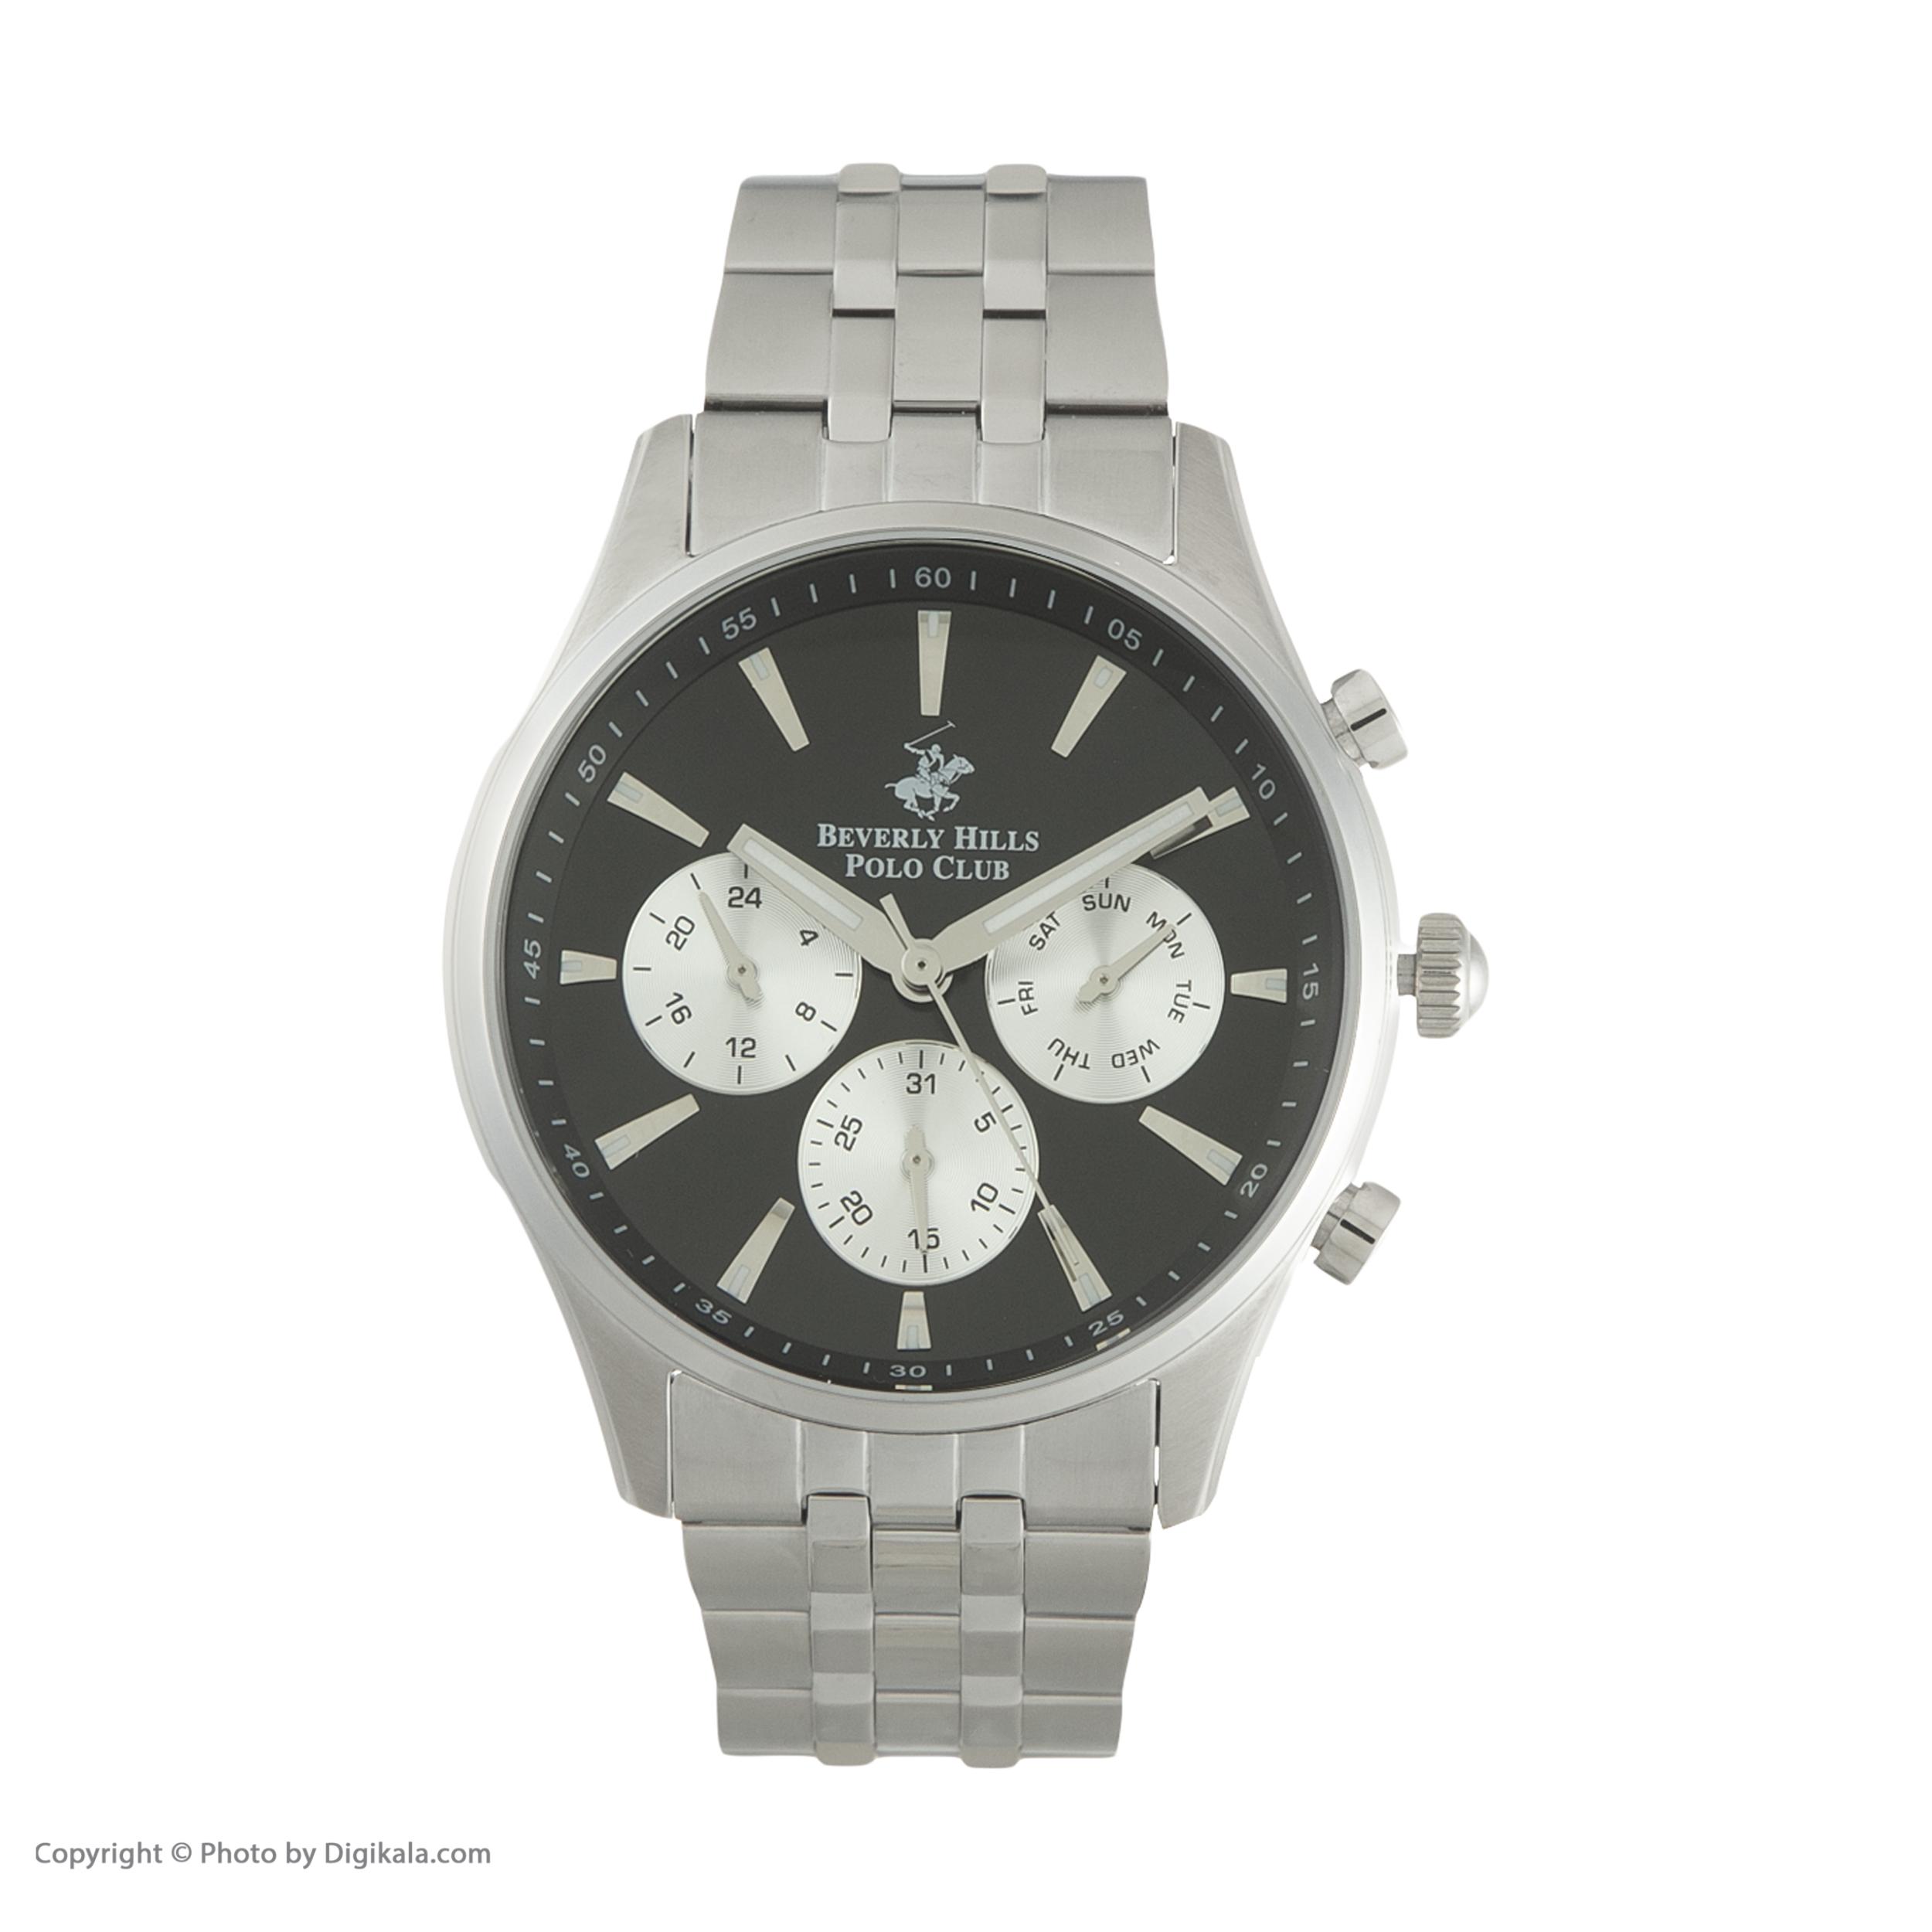 ساعت مچی عقربهای مردانه بورلی هیلز پولو کلاب مدل BP3009X.350